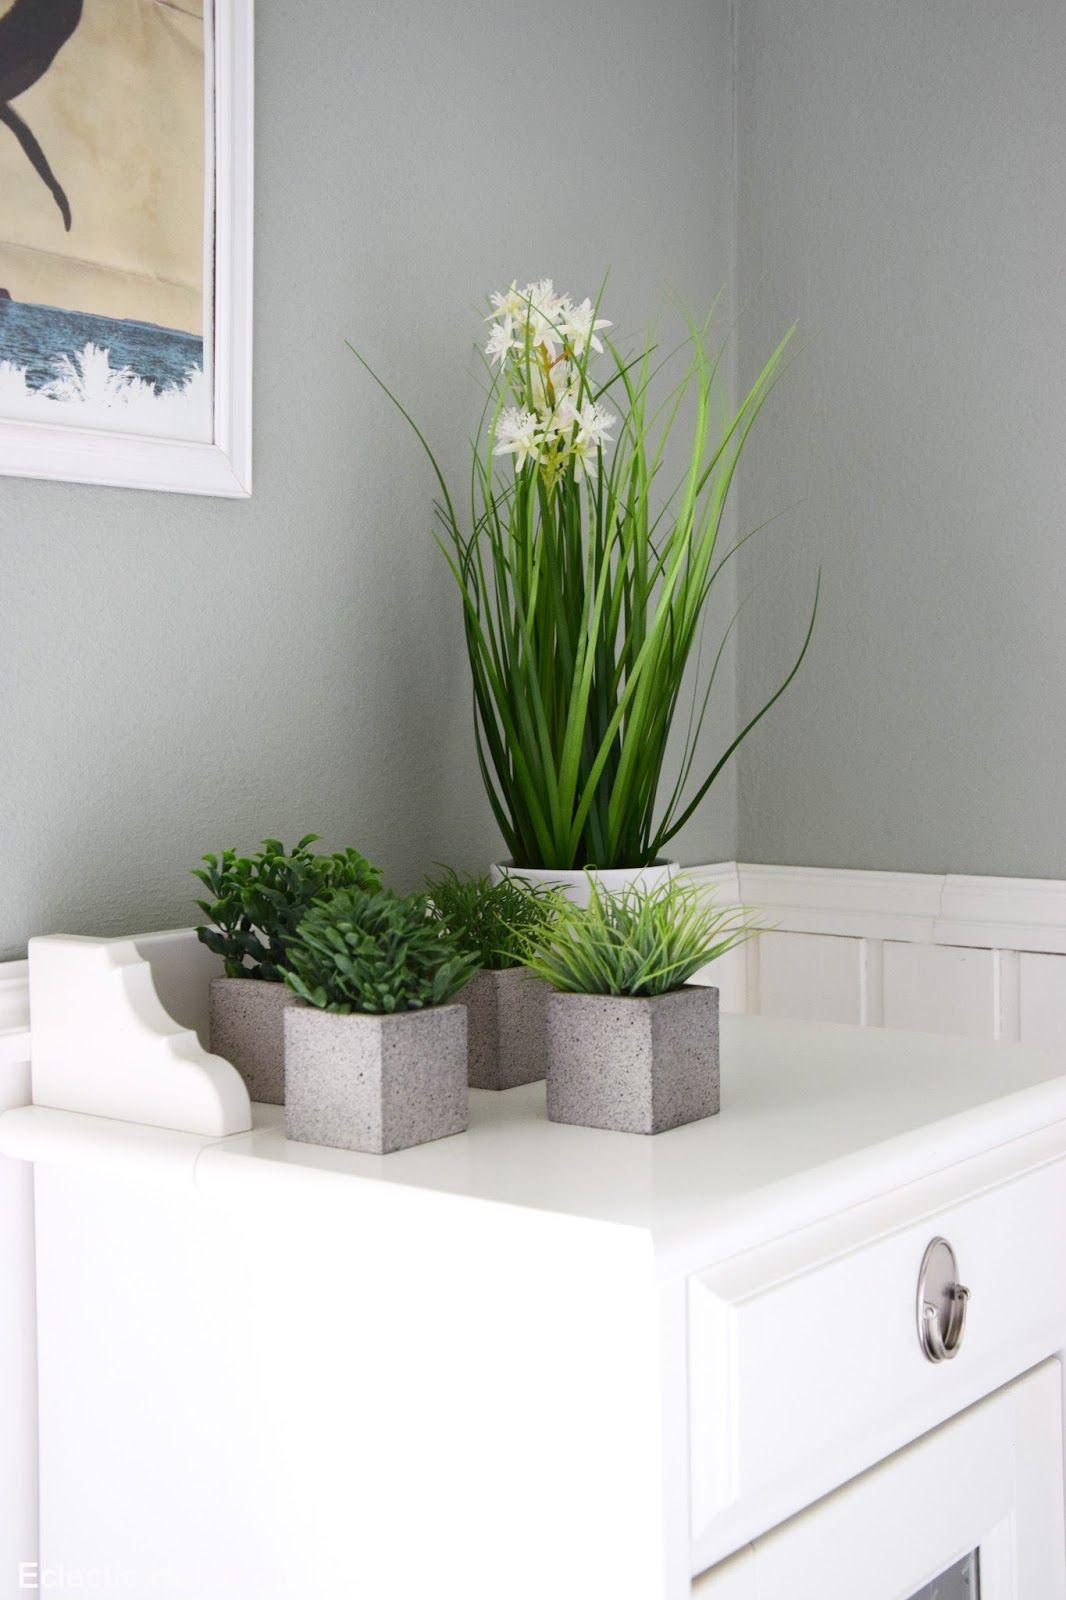 Pflanzen Fur Mein Badezimmer Und Einblicke Endlich Mal Wieder Mrs Greenery Dunkle Badezimmer Dekoration Badezimmer Badezimmer